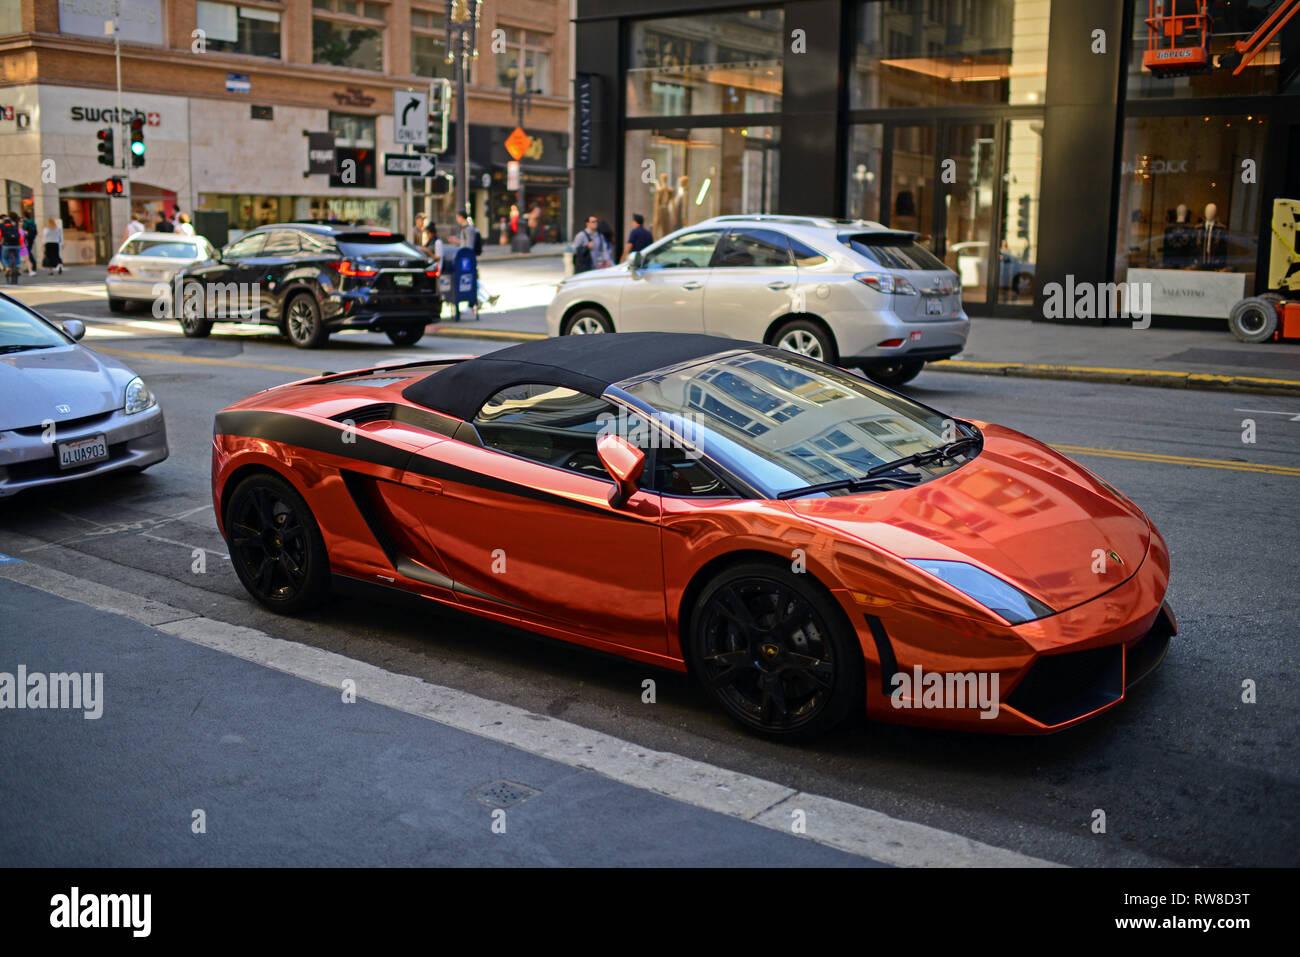 Lamborghini San Francisco >> Bright Colored Lamborghini Parked In Union Square Area